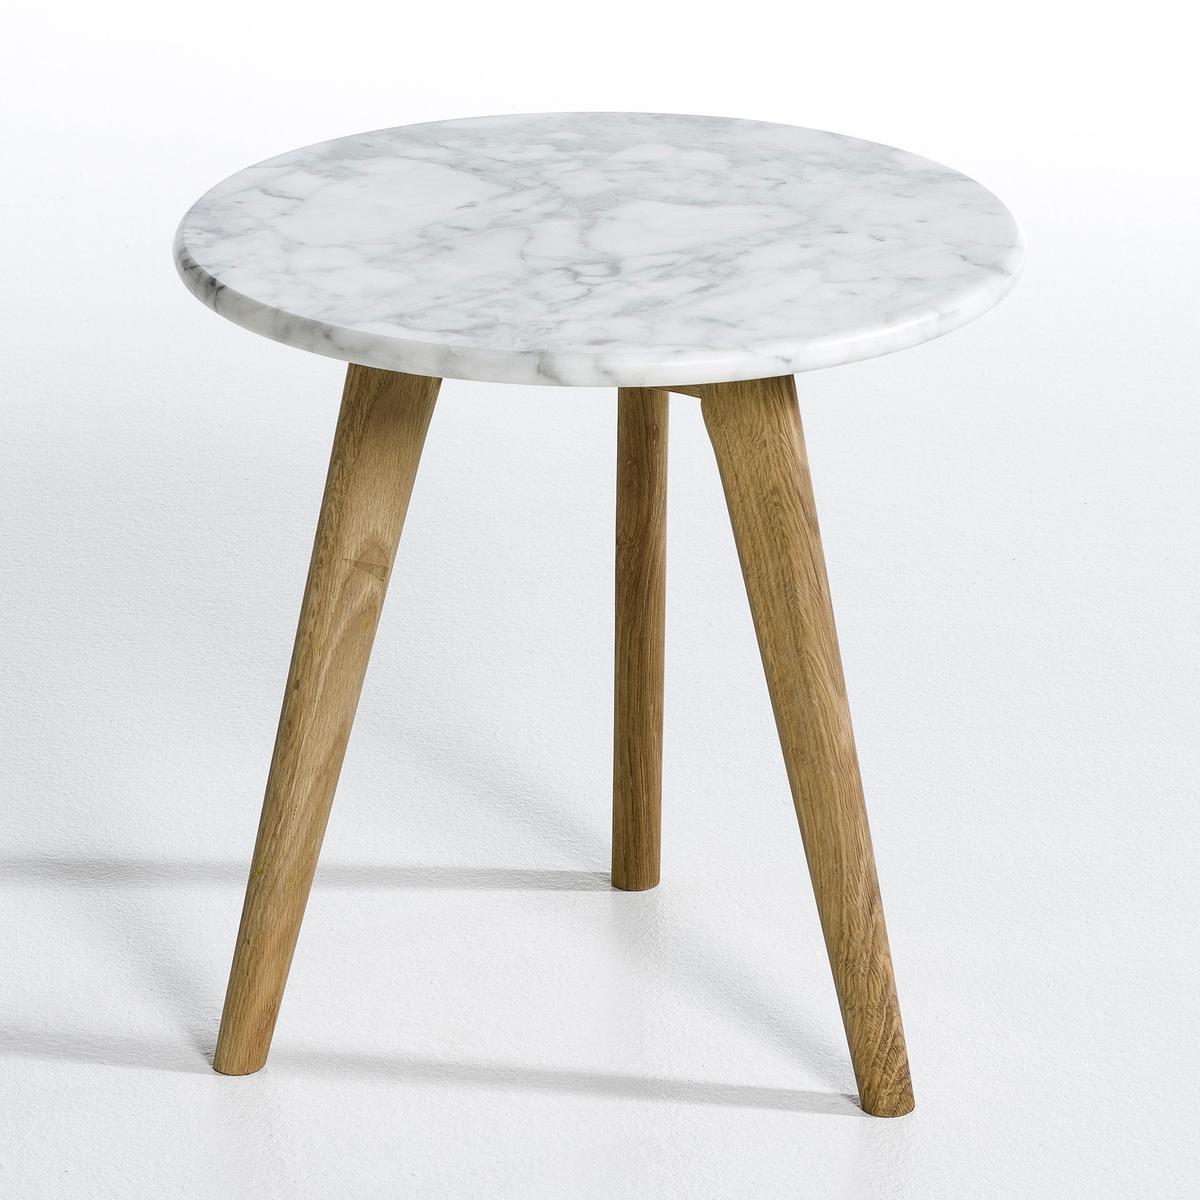 Столик диванный Priscille, столешница из мрамора столик диванный rozam